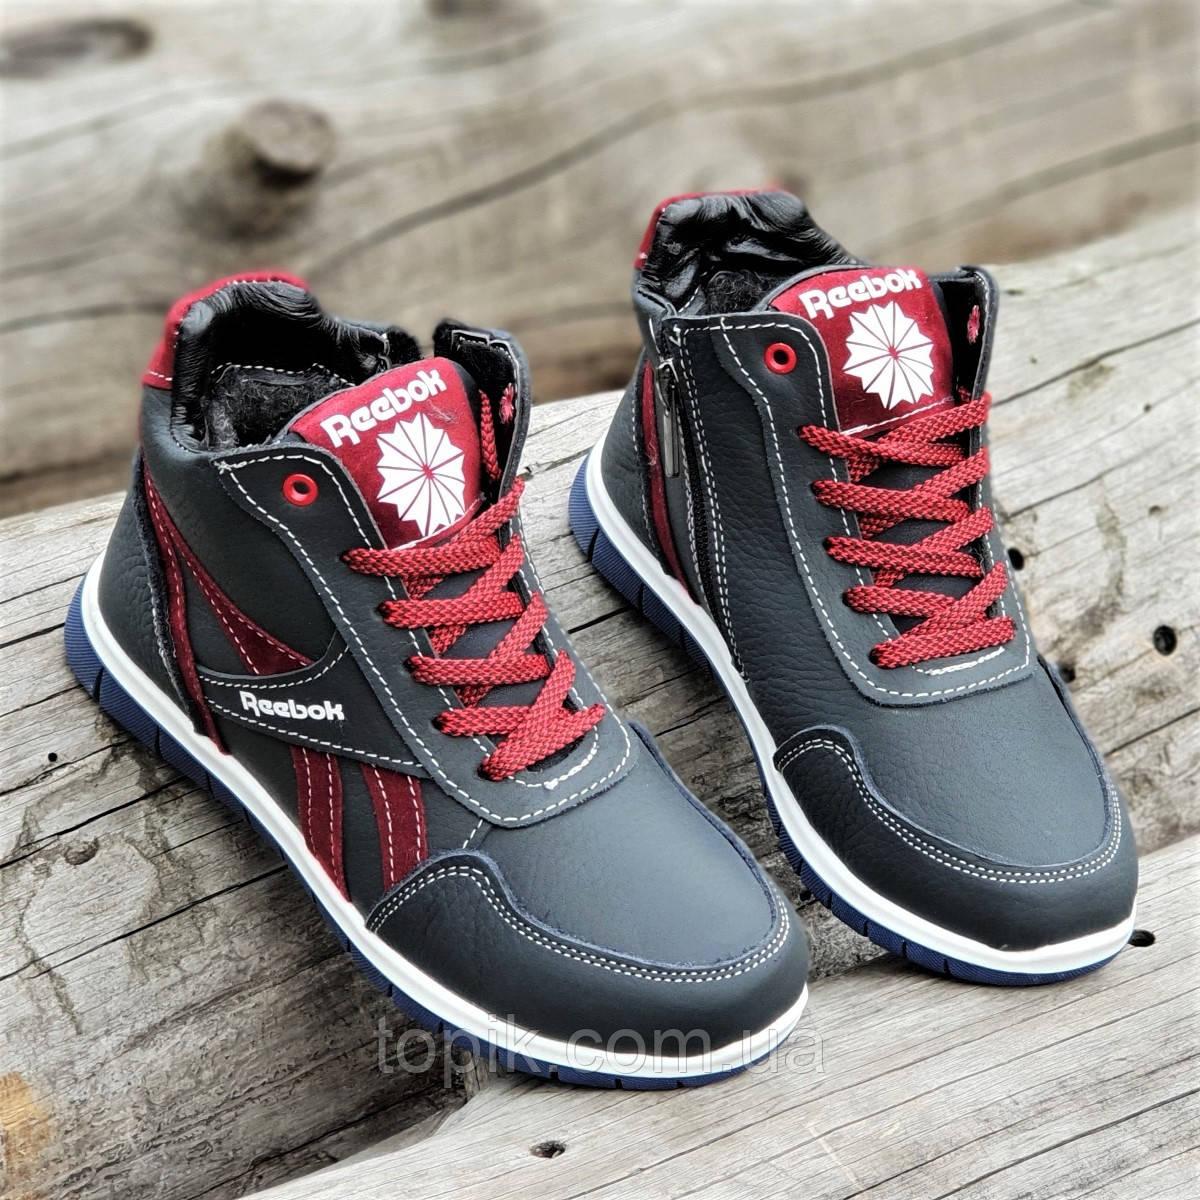 Детские зимние кожаные ботинки кроссовки на шнурках и молнии черные натуральный мех (Код: 1258a)